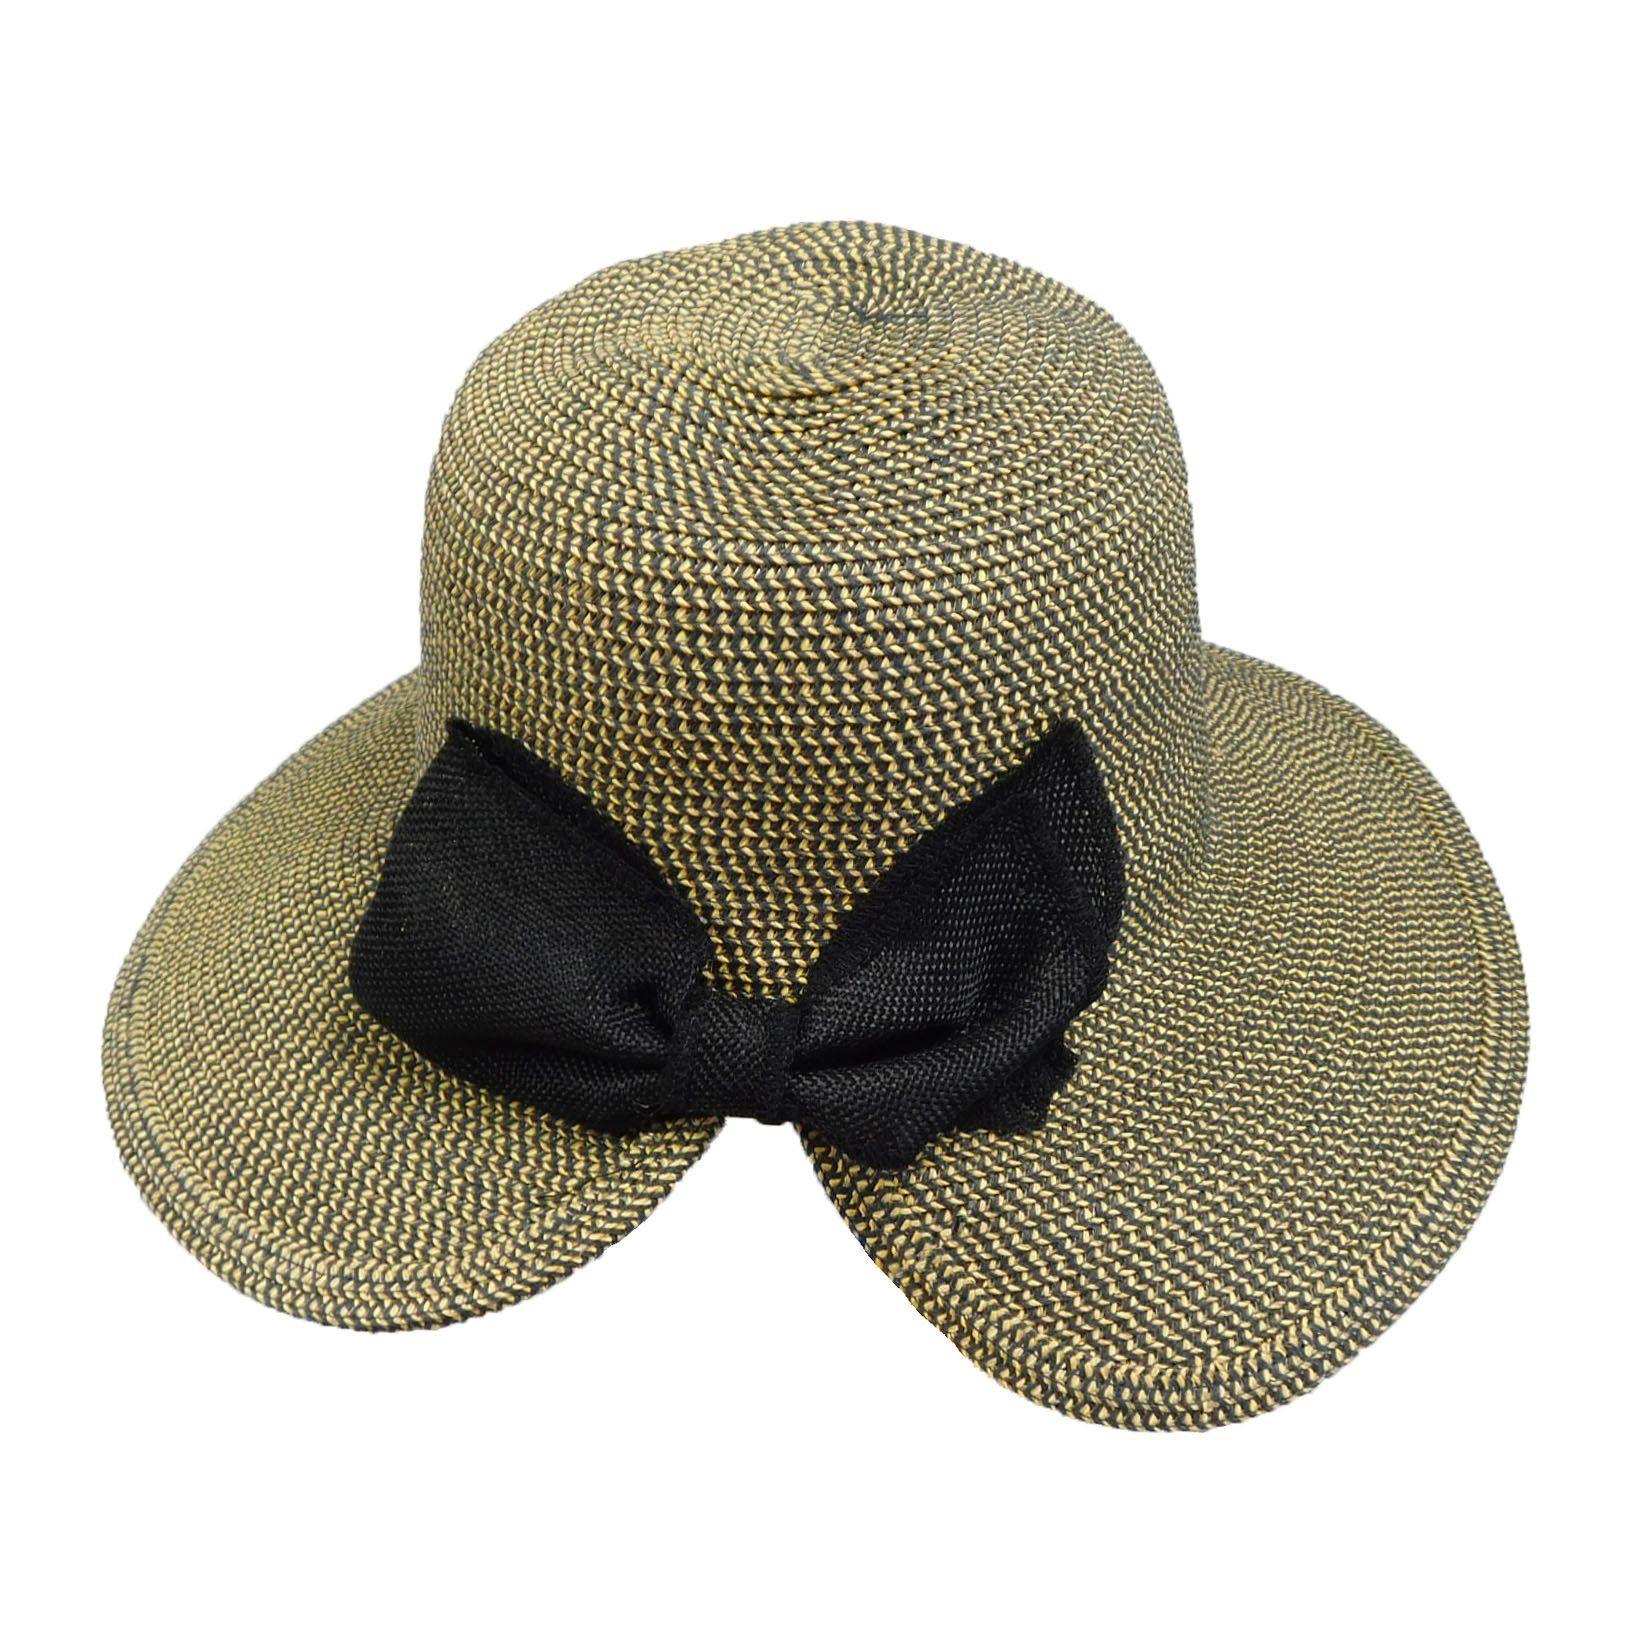 258c03c9fad Black tweed hat. Downsloping, 3